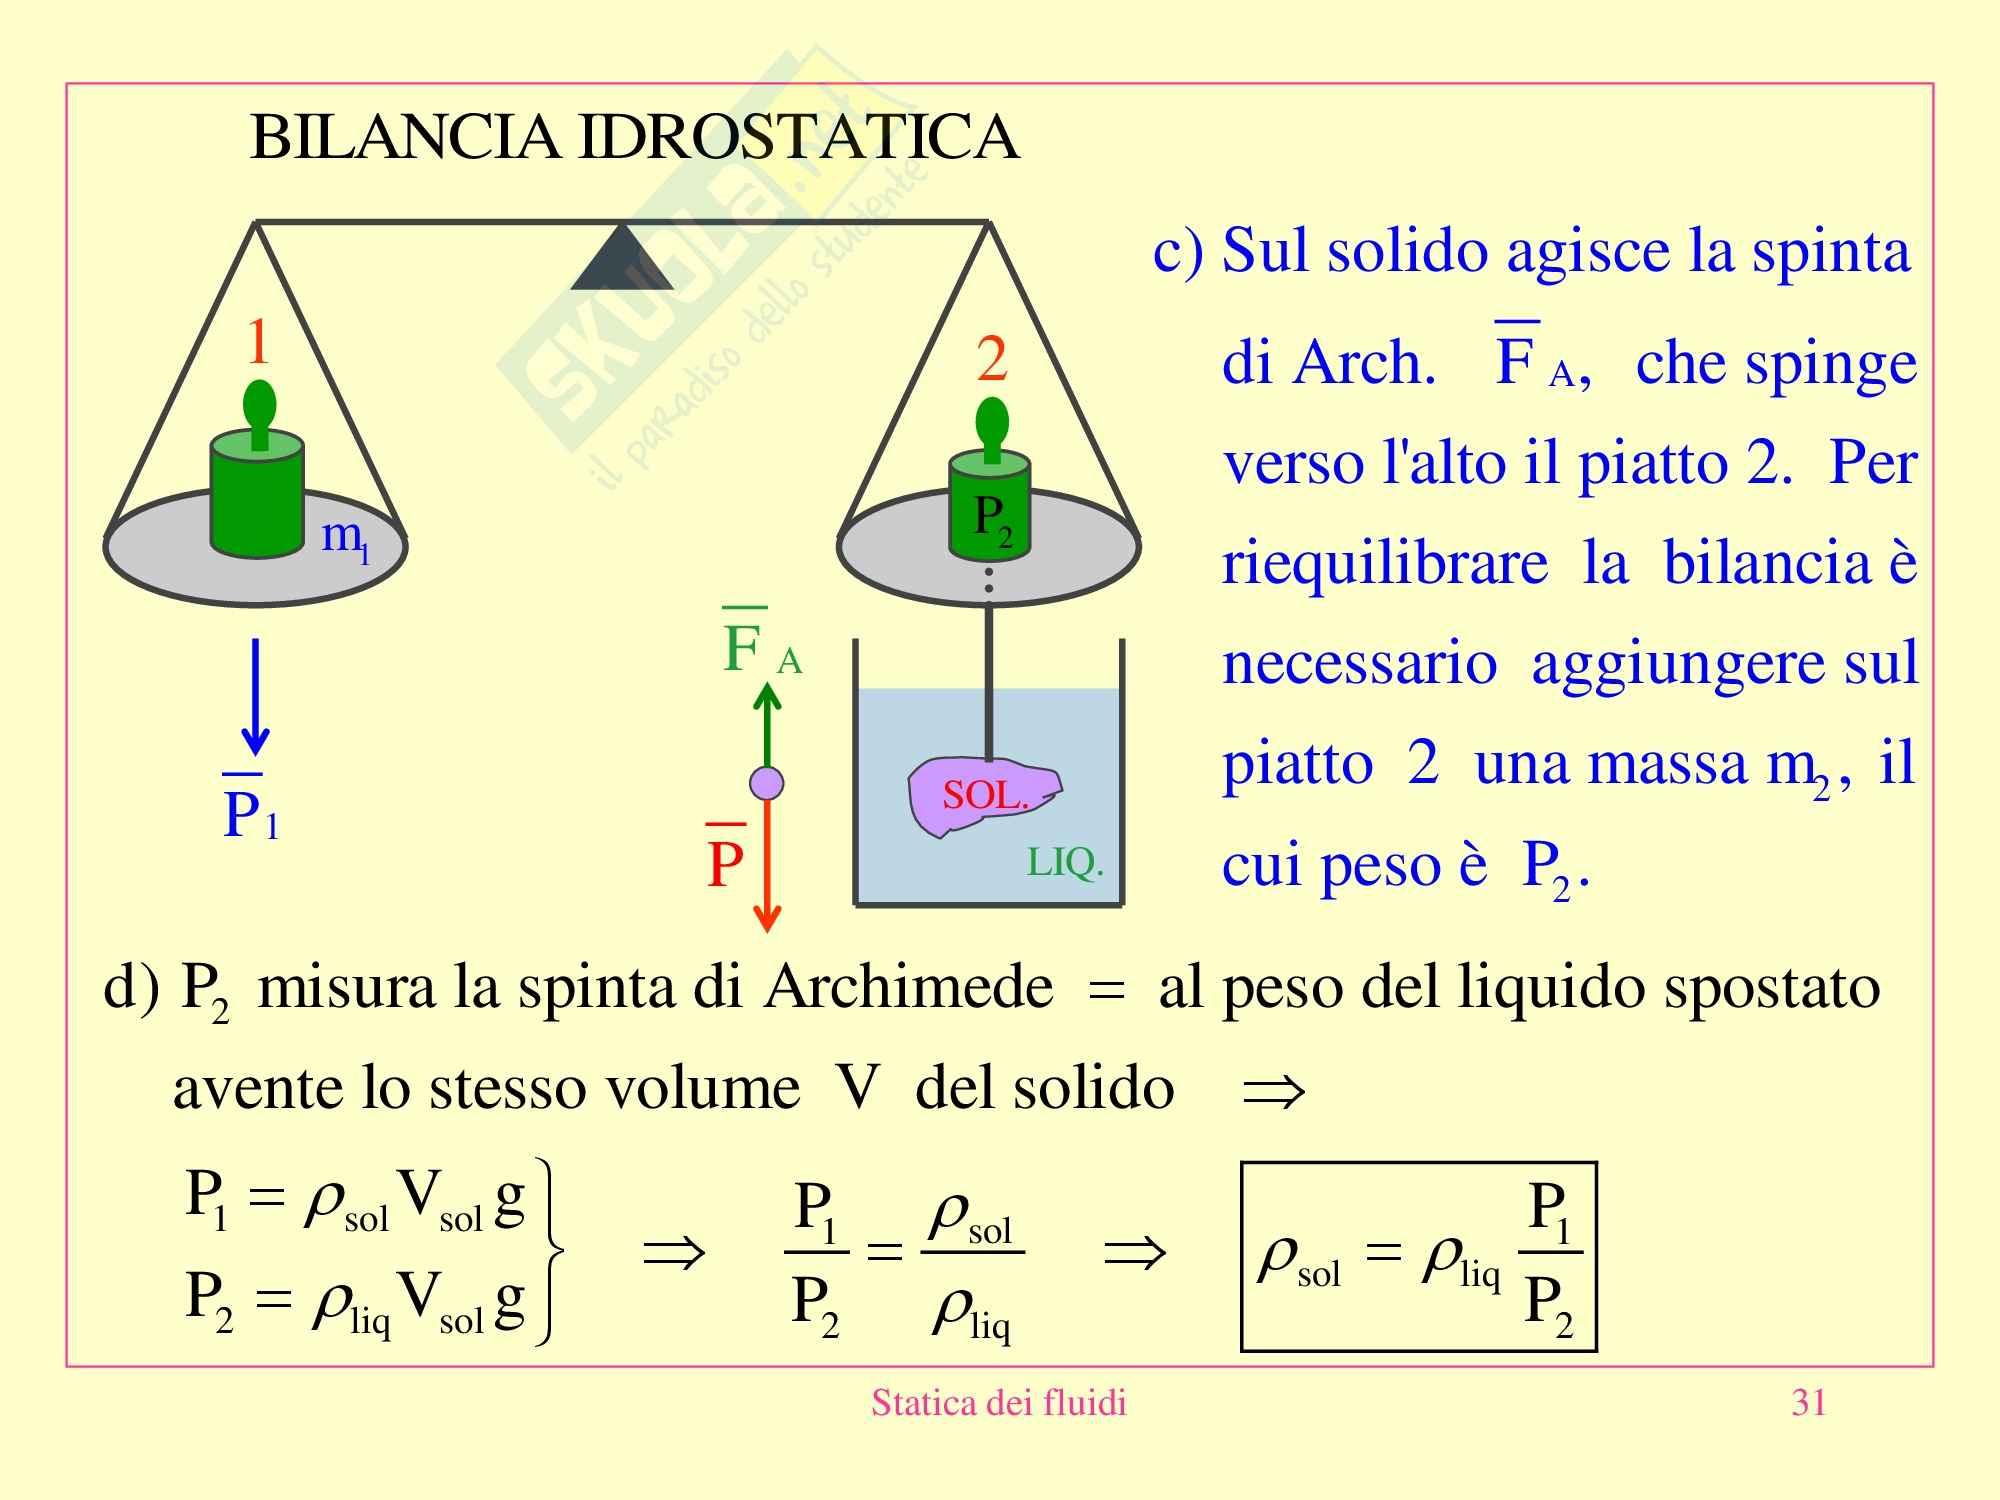 Fisica medica - statica dei fluidi Pag. 31